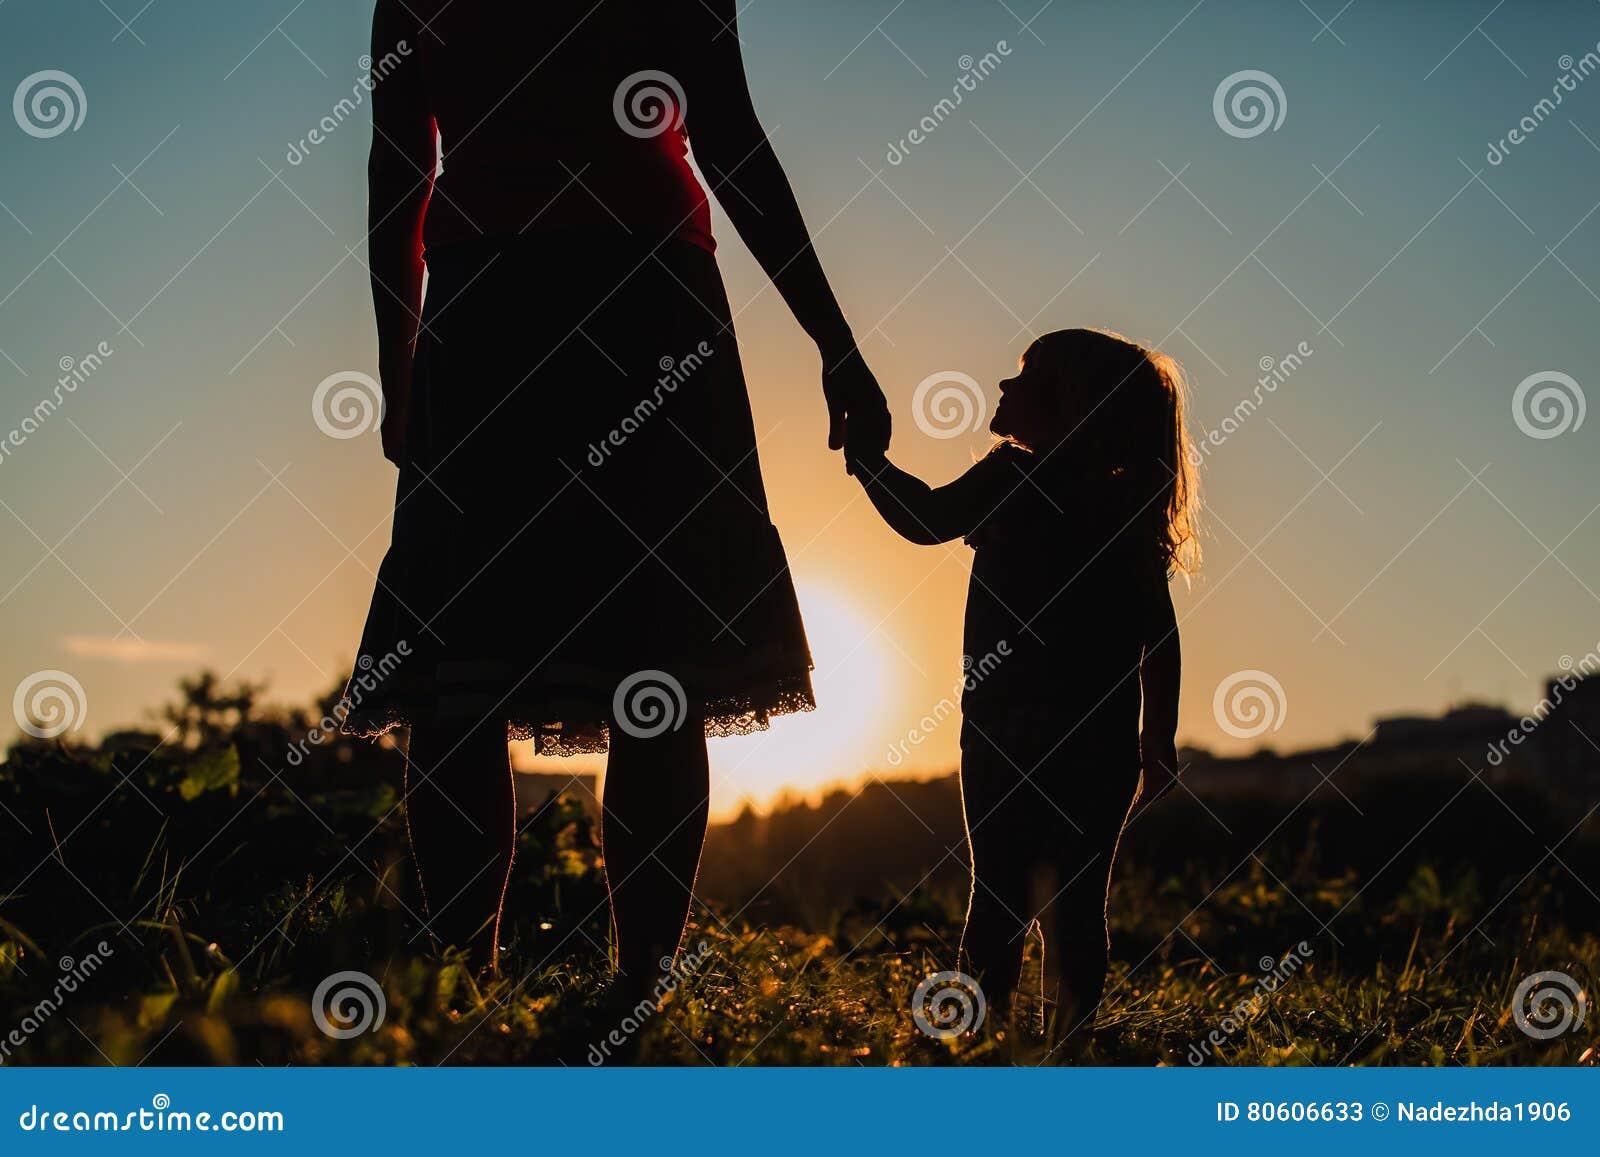 Silhouet van moeder en dochterholdingshanden bij zonsondergang